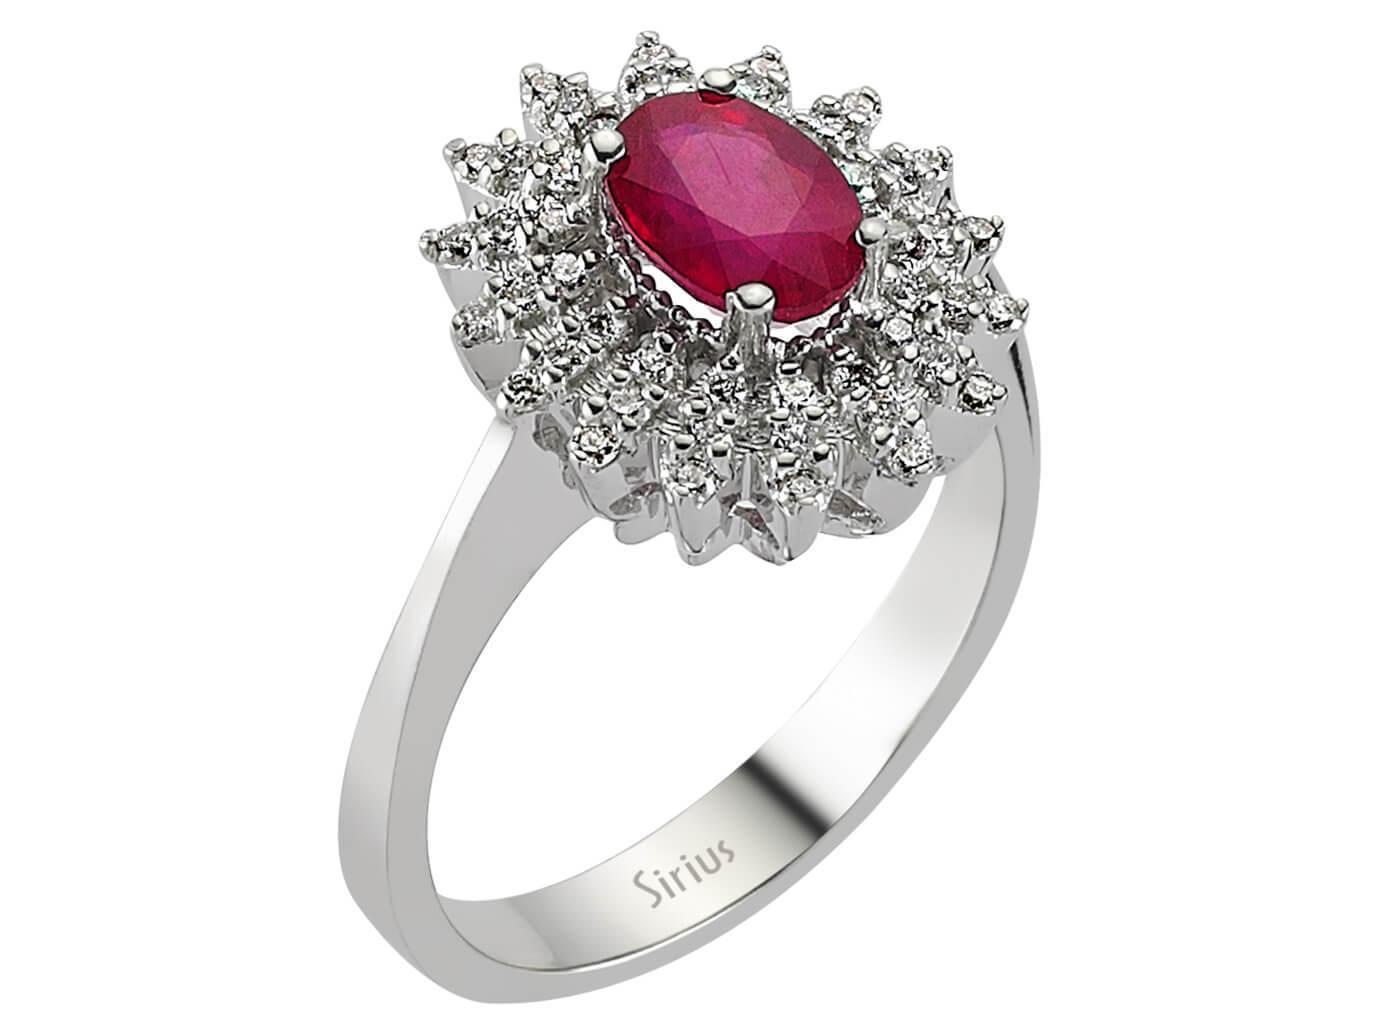 Entourage Rubin  Diamant Ring in 750 er 18 Karat Weissgold